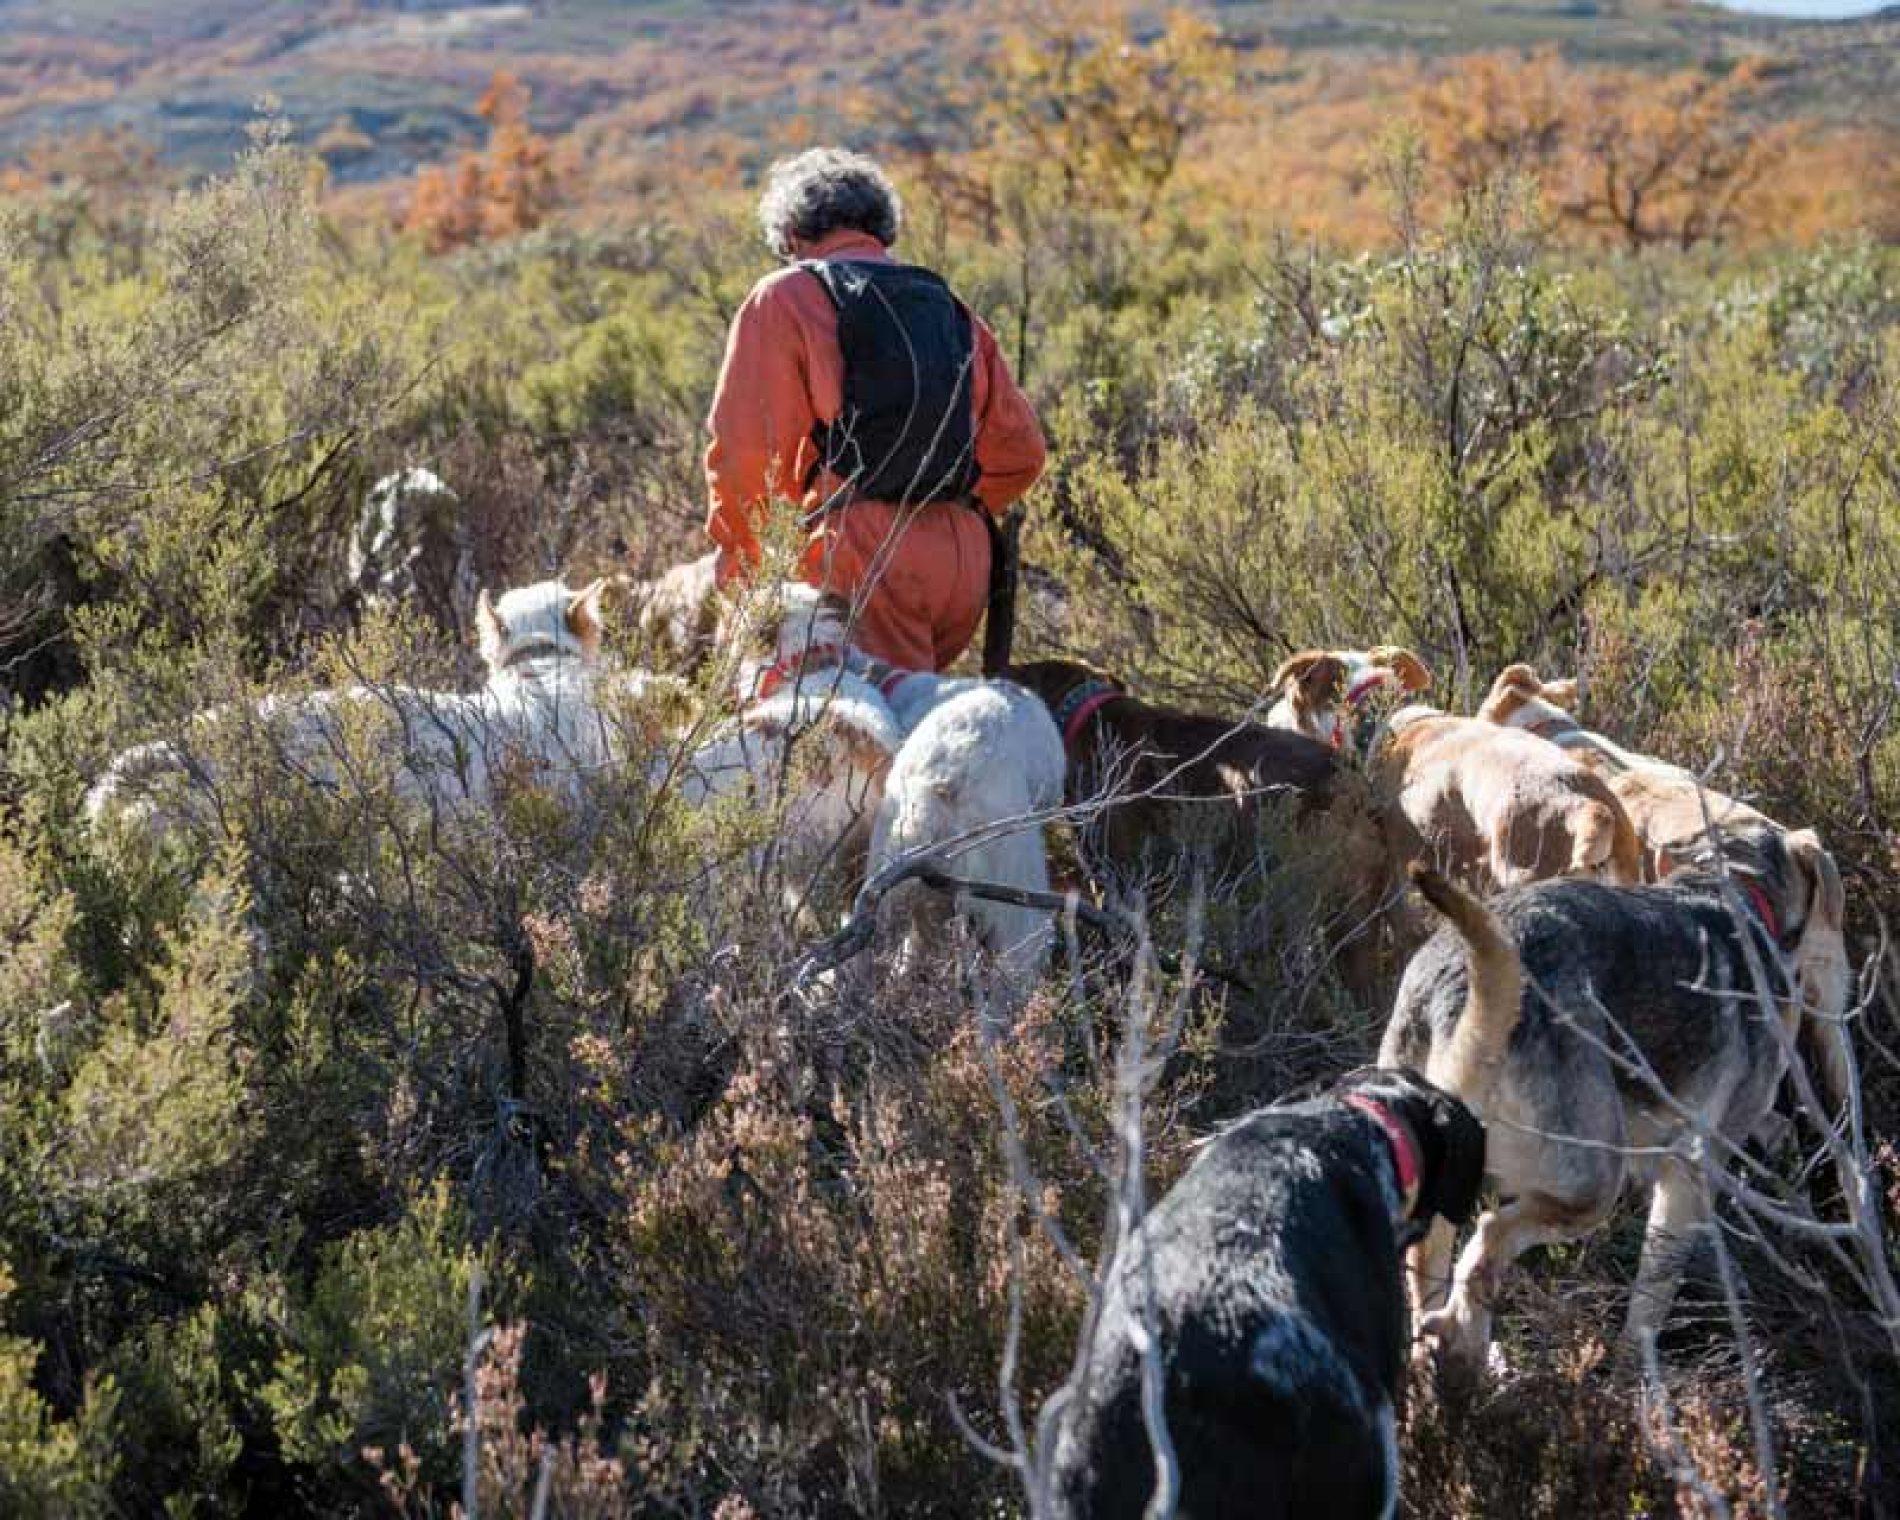 ARRECAL alerta del sesgo ideológico de las iniciativas de la Dirección General de los Derechos los Animales